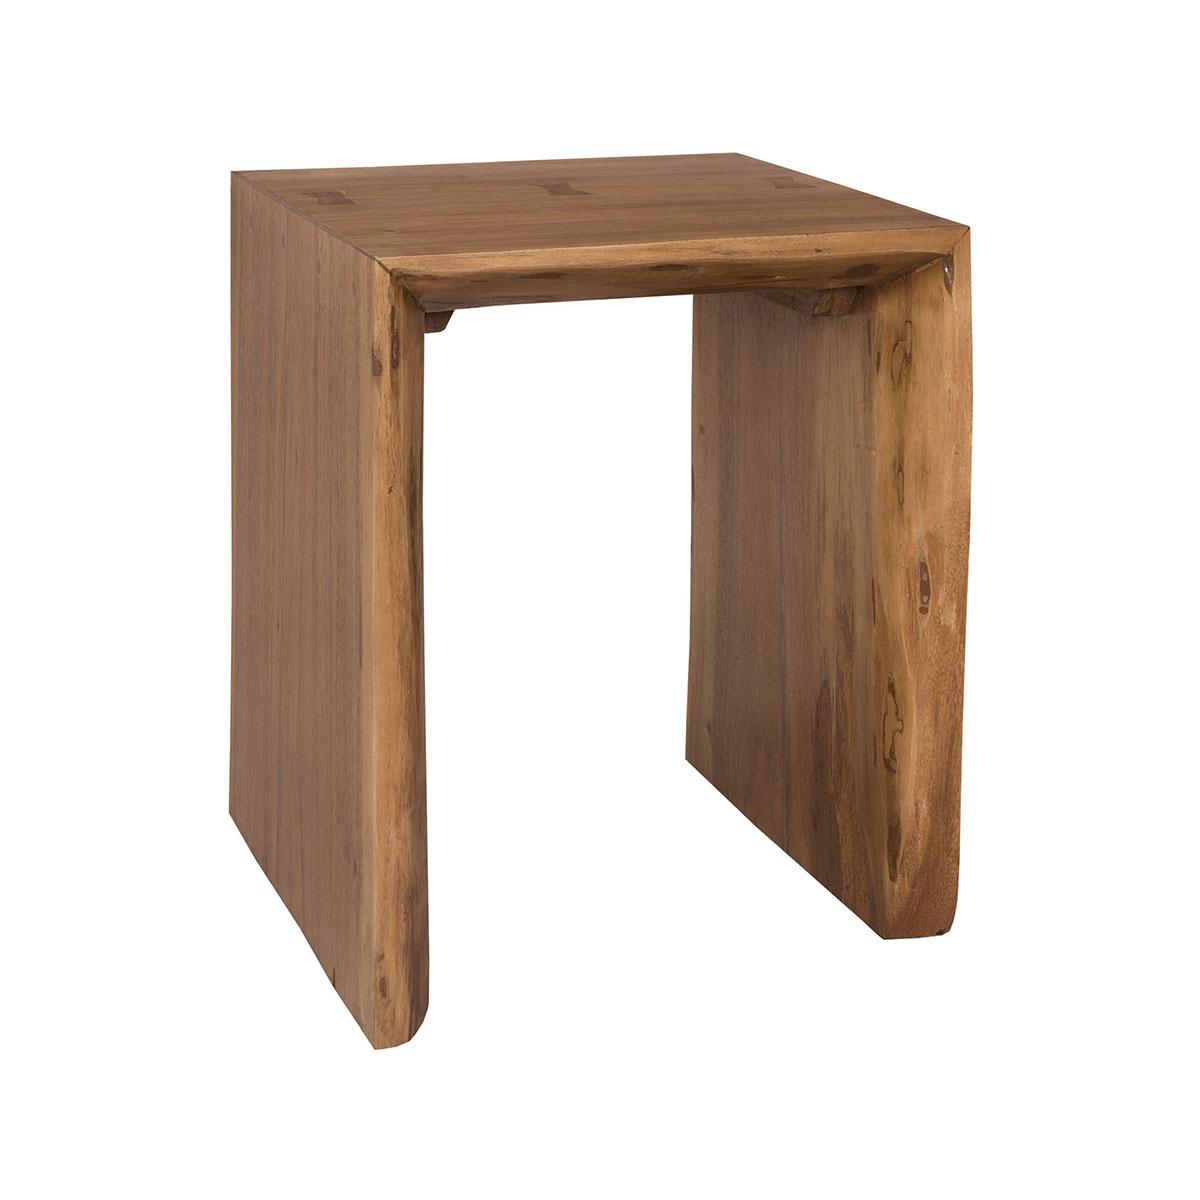 Teak Slab Side Table 7117507ET | ELK Home